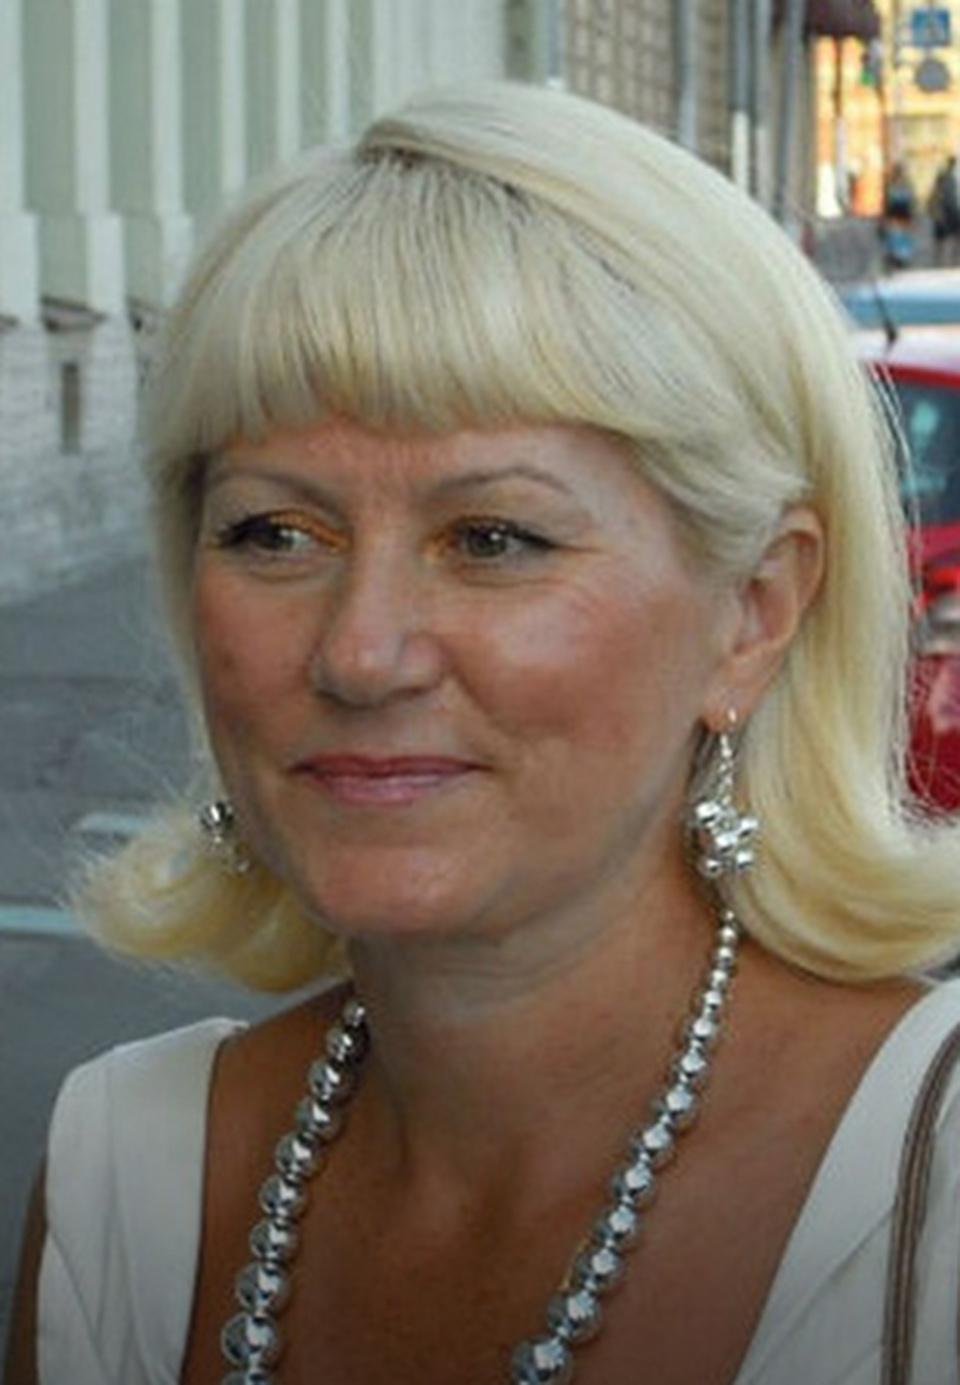 Наталья Митрофанова, 56 лет